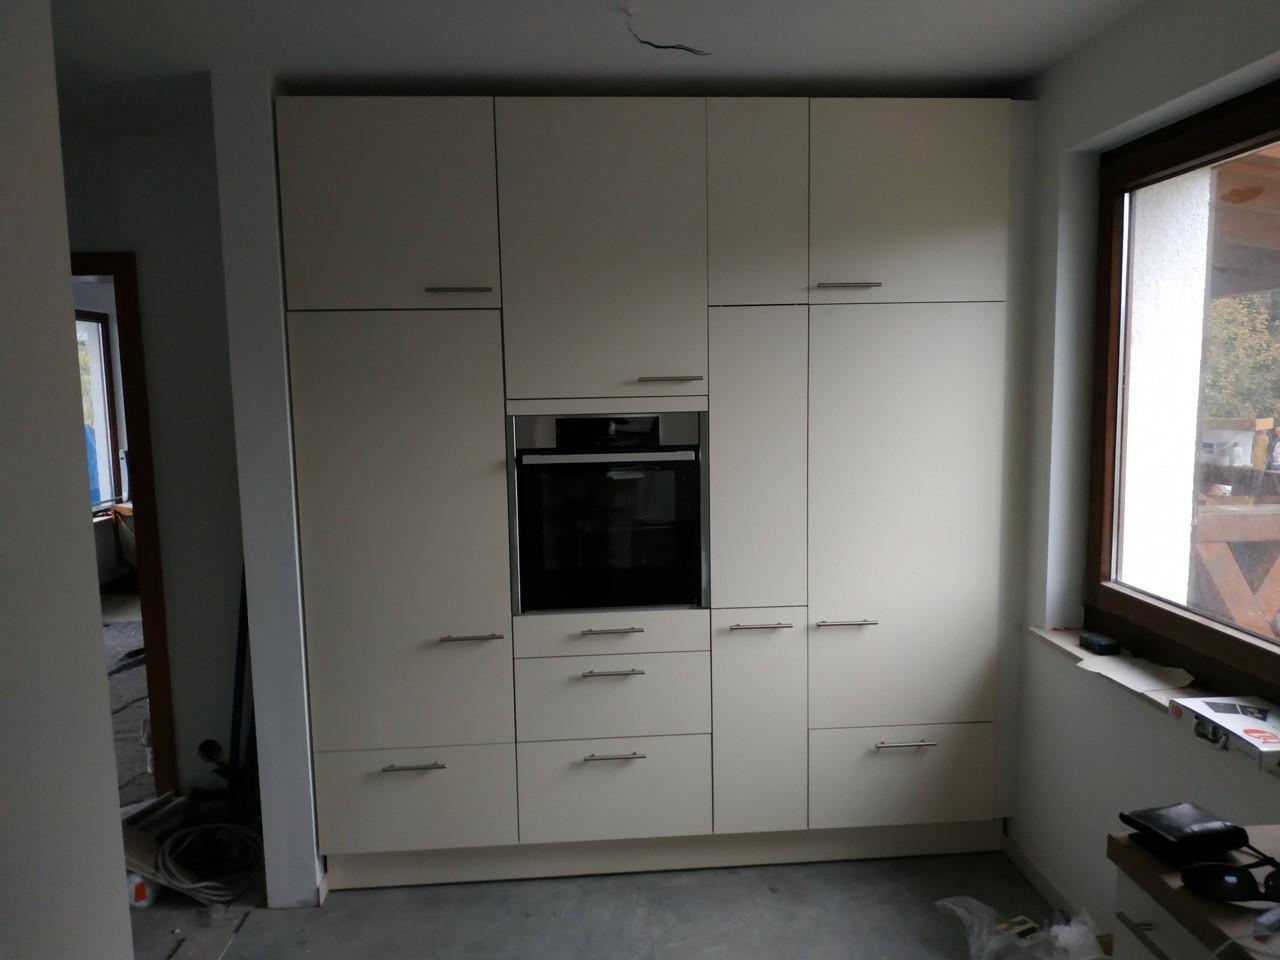 Kühlschrank-Einbausatz kam endlich an